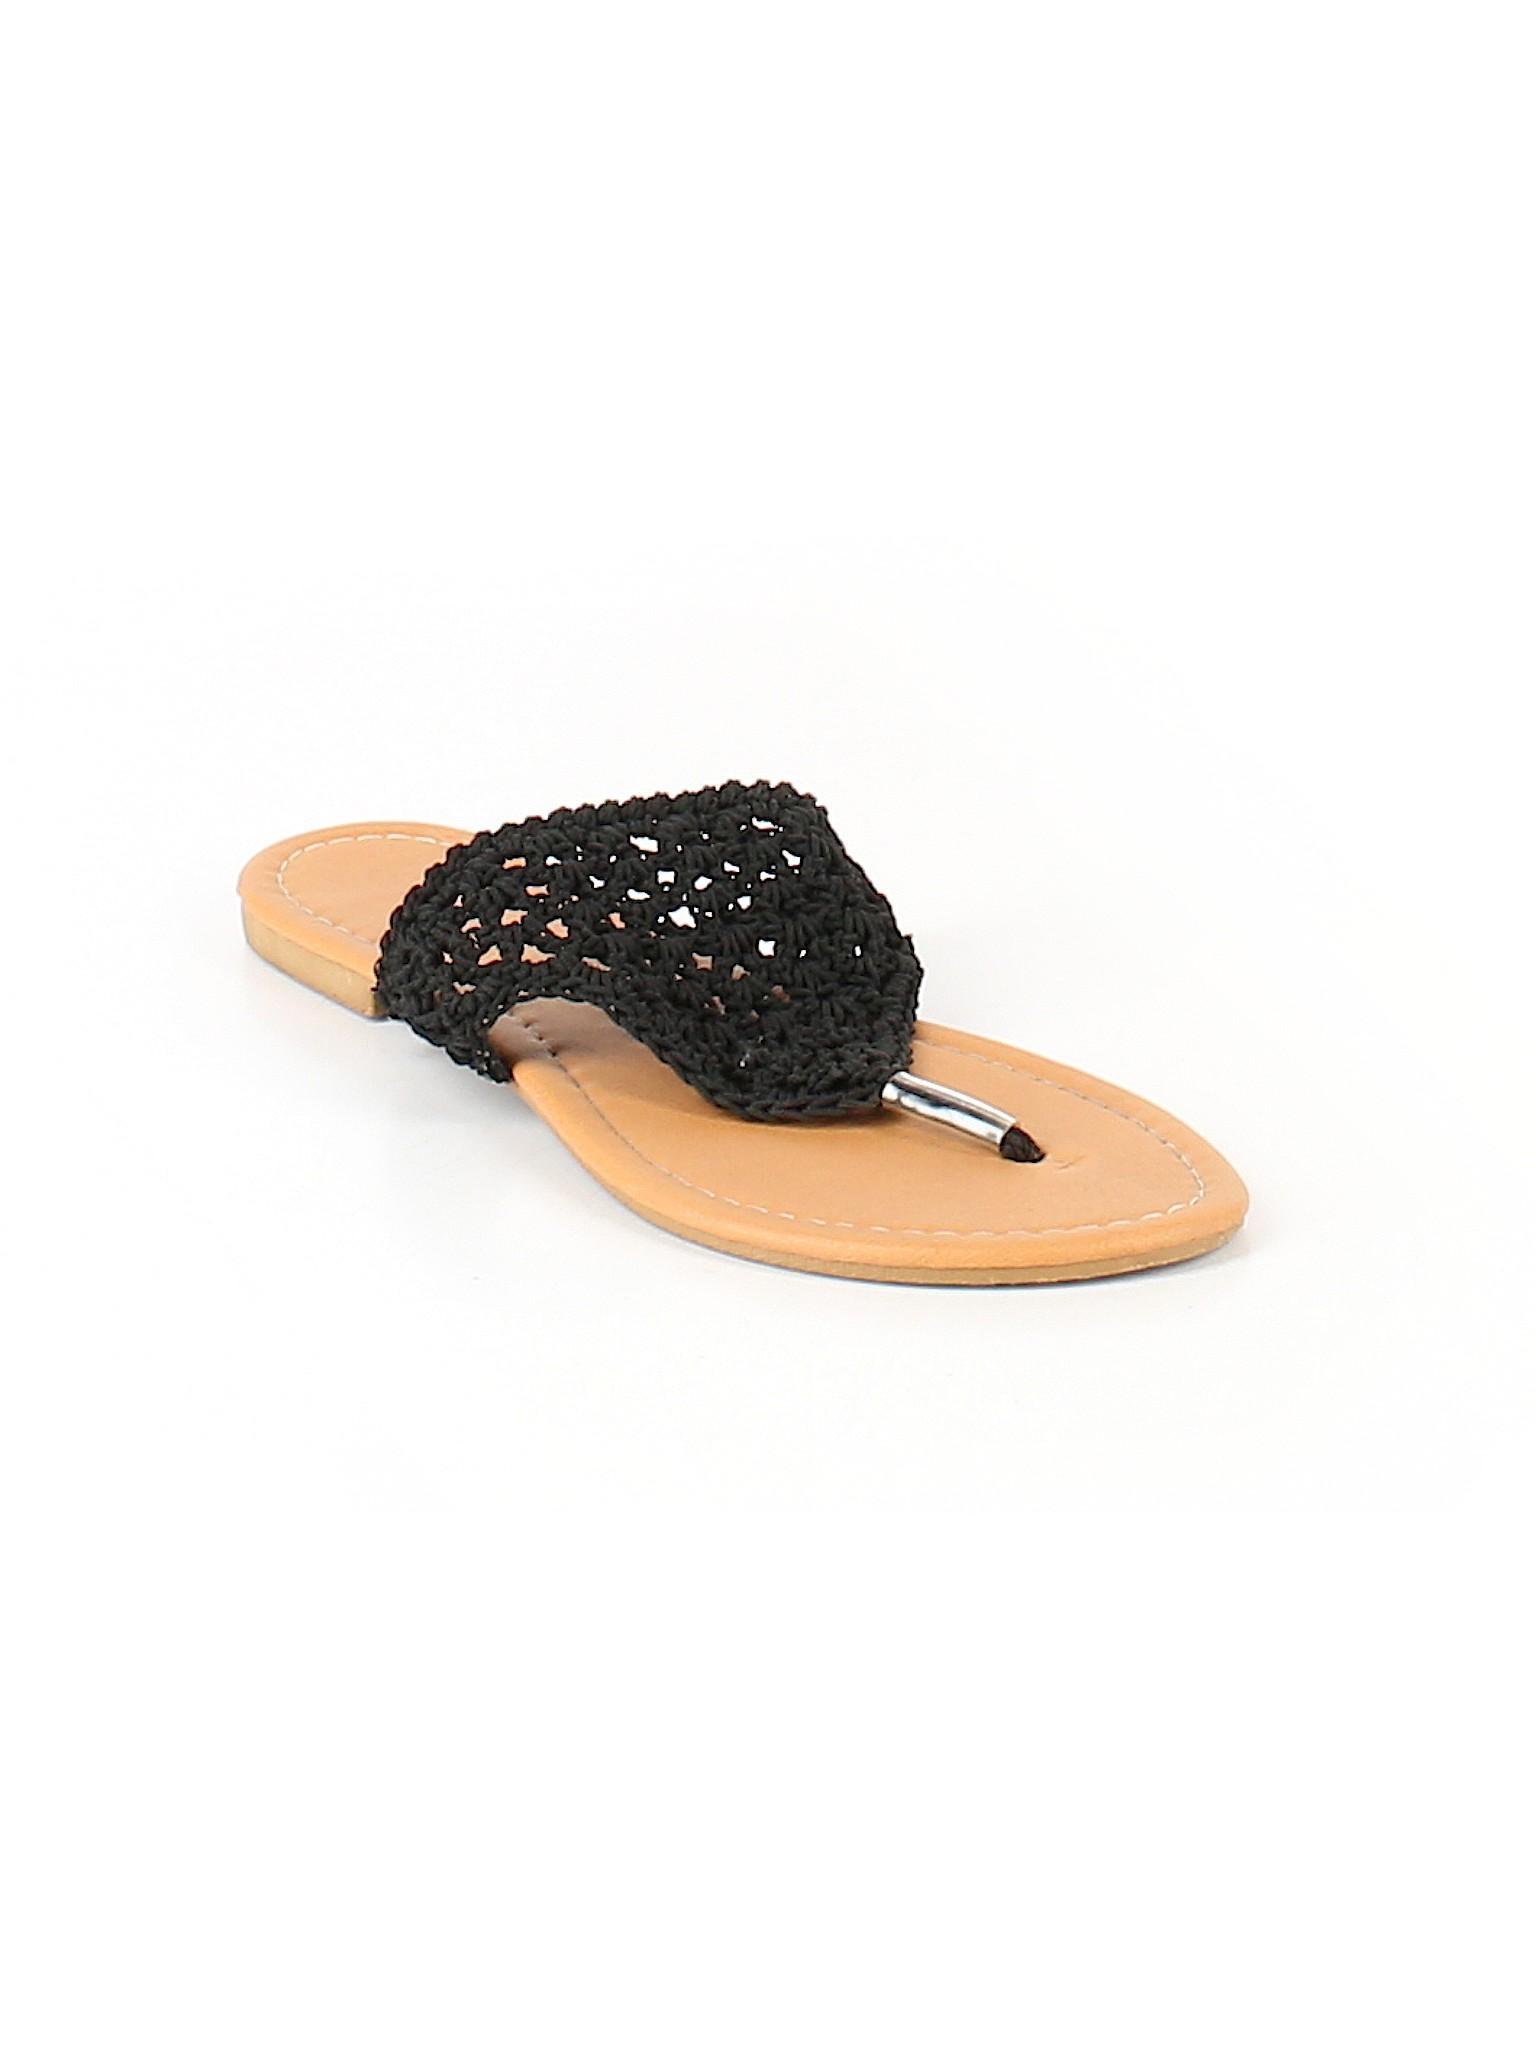 Epic promotion Boutique Boutique Step promotion promotion Sandals Sandals Boutique Step Epic AOwWq8